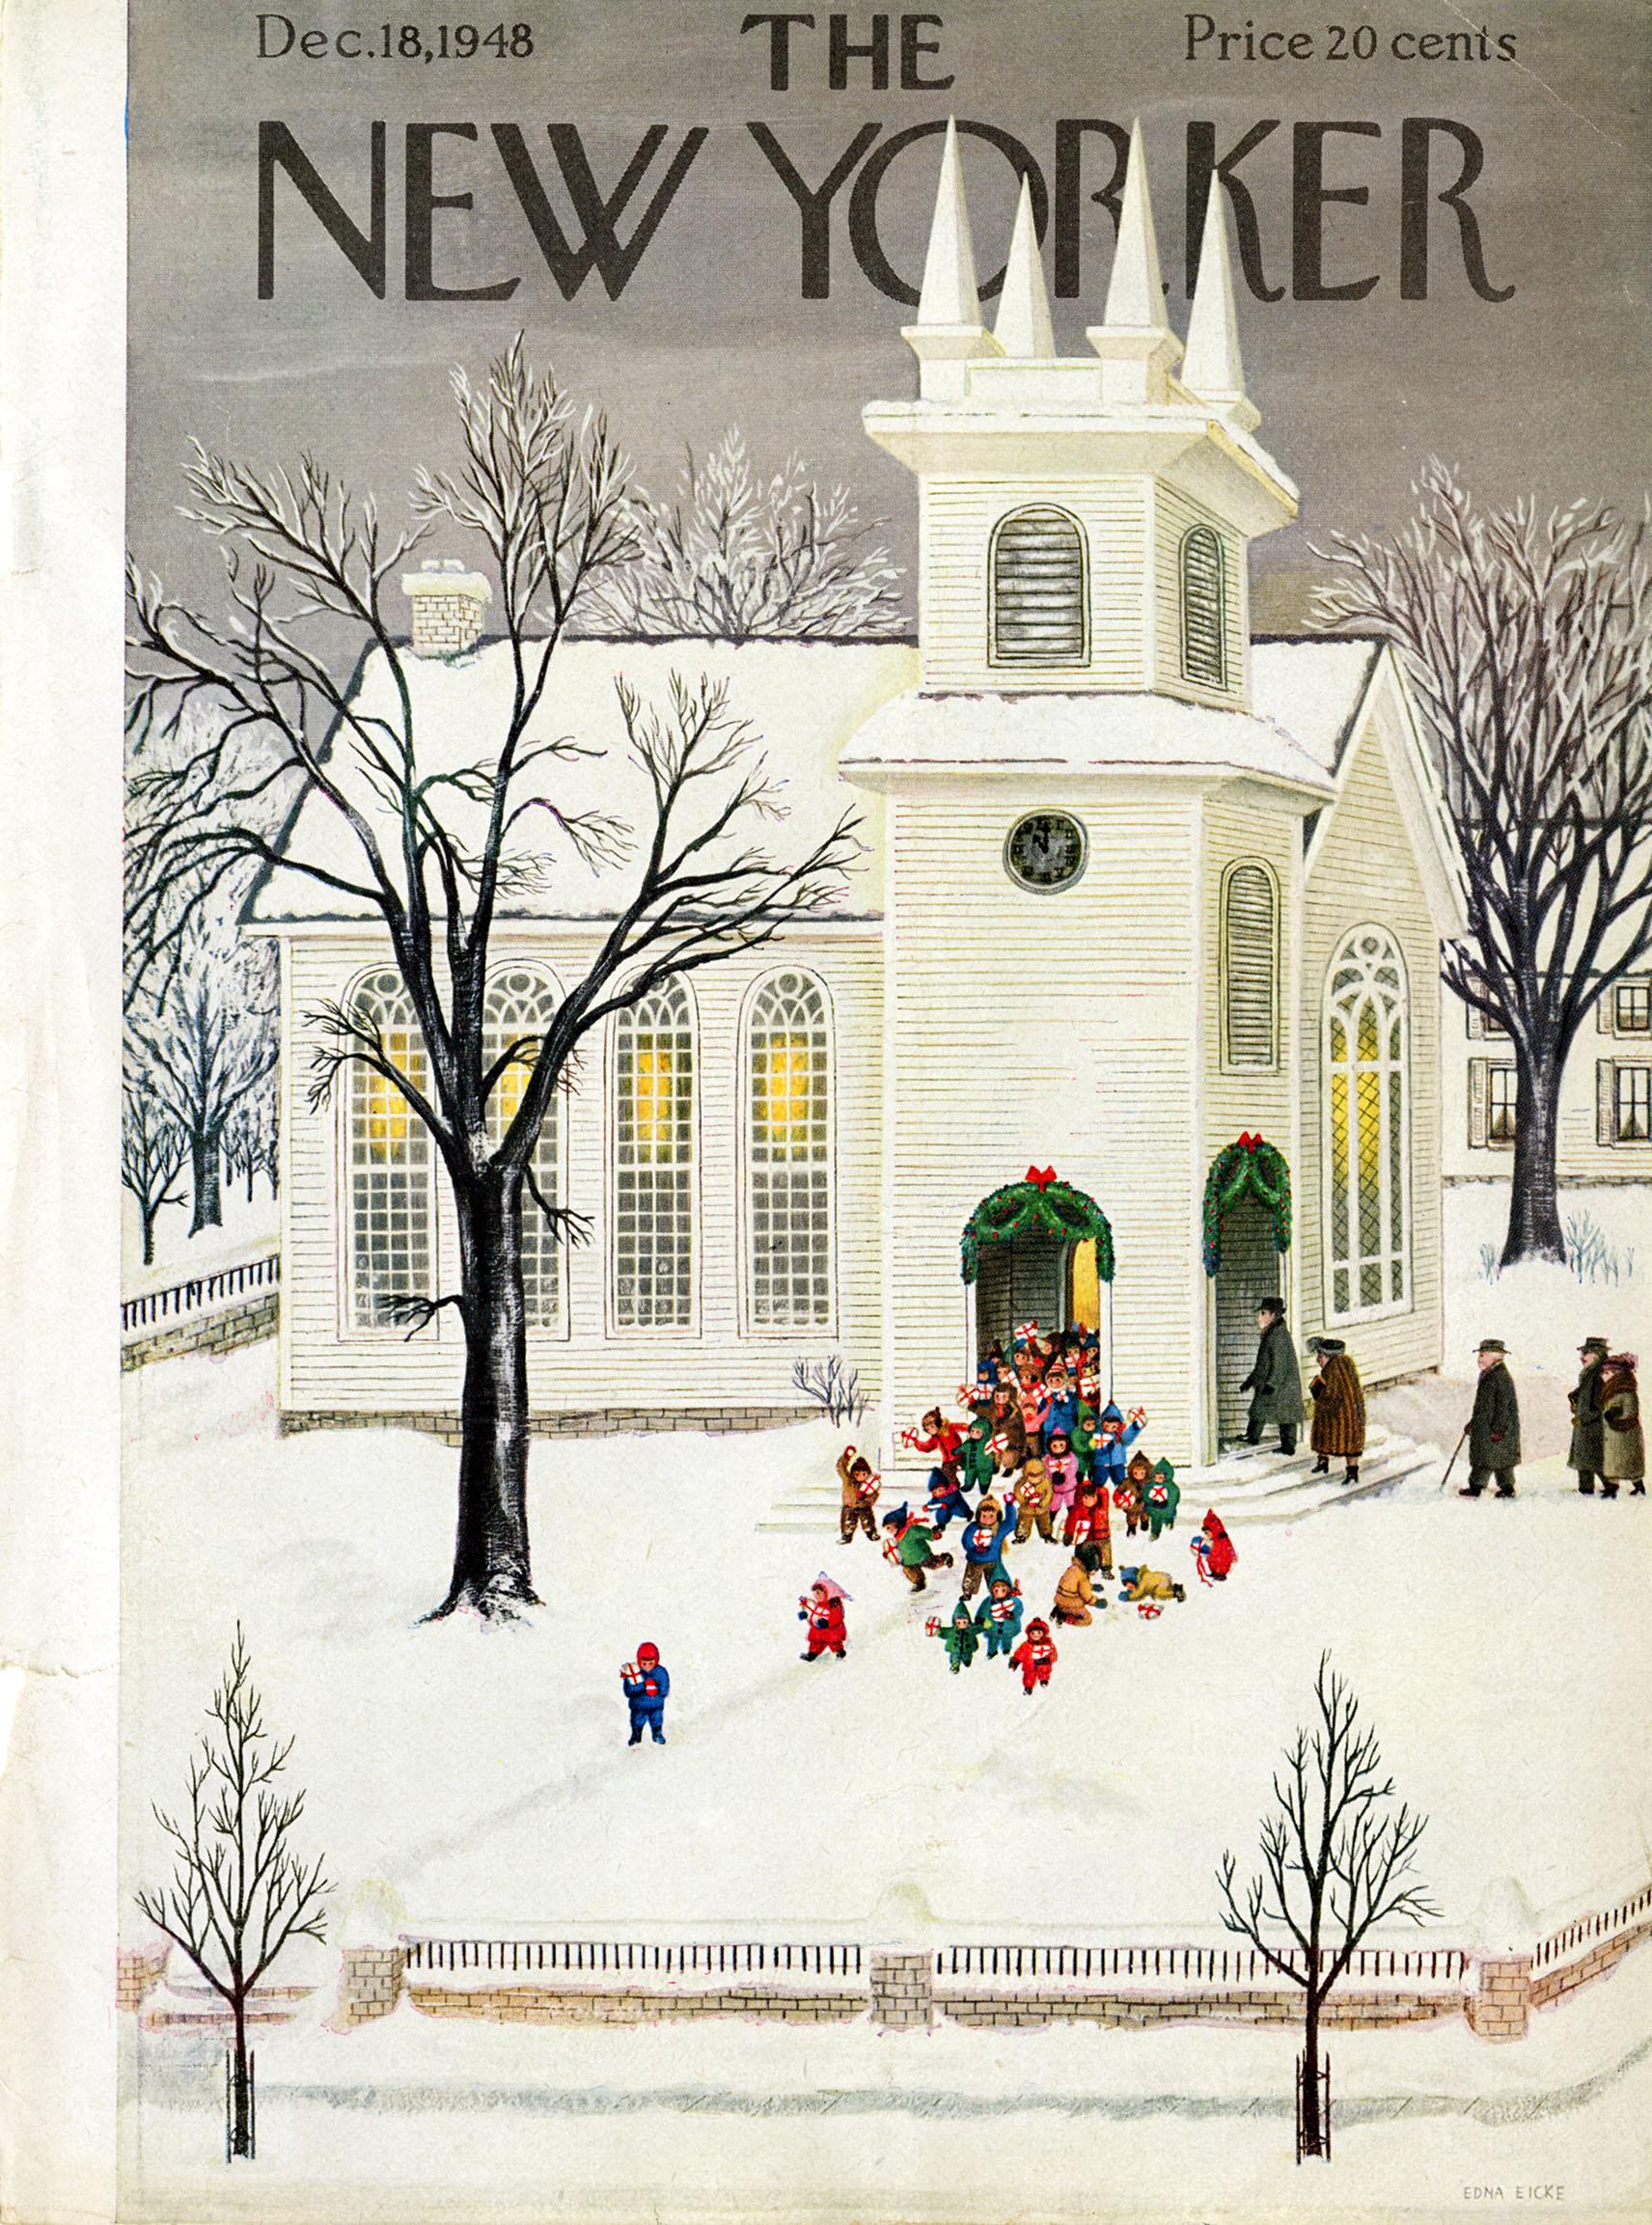 Edna Eicke, Cover Illustration for  The New Yorker . December 18, 1948.